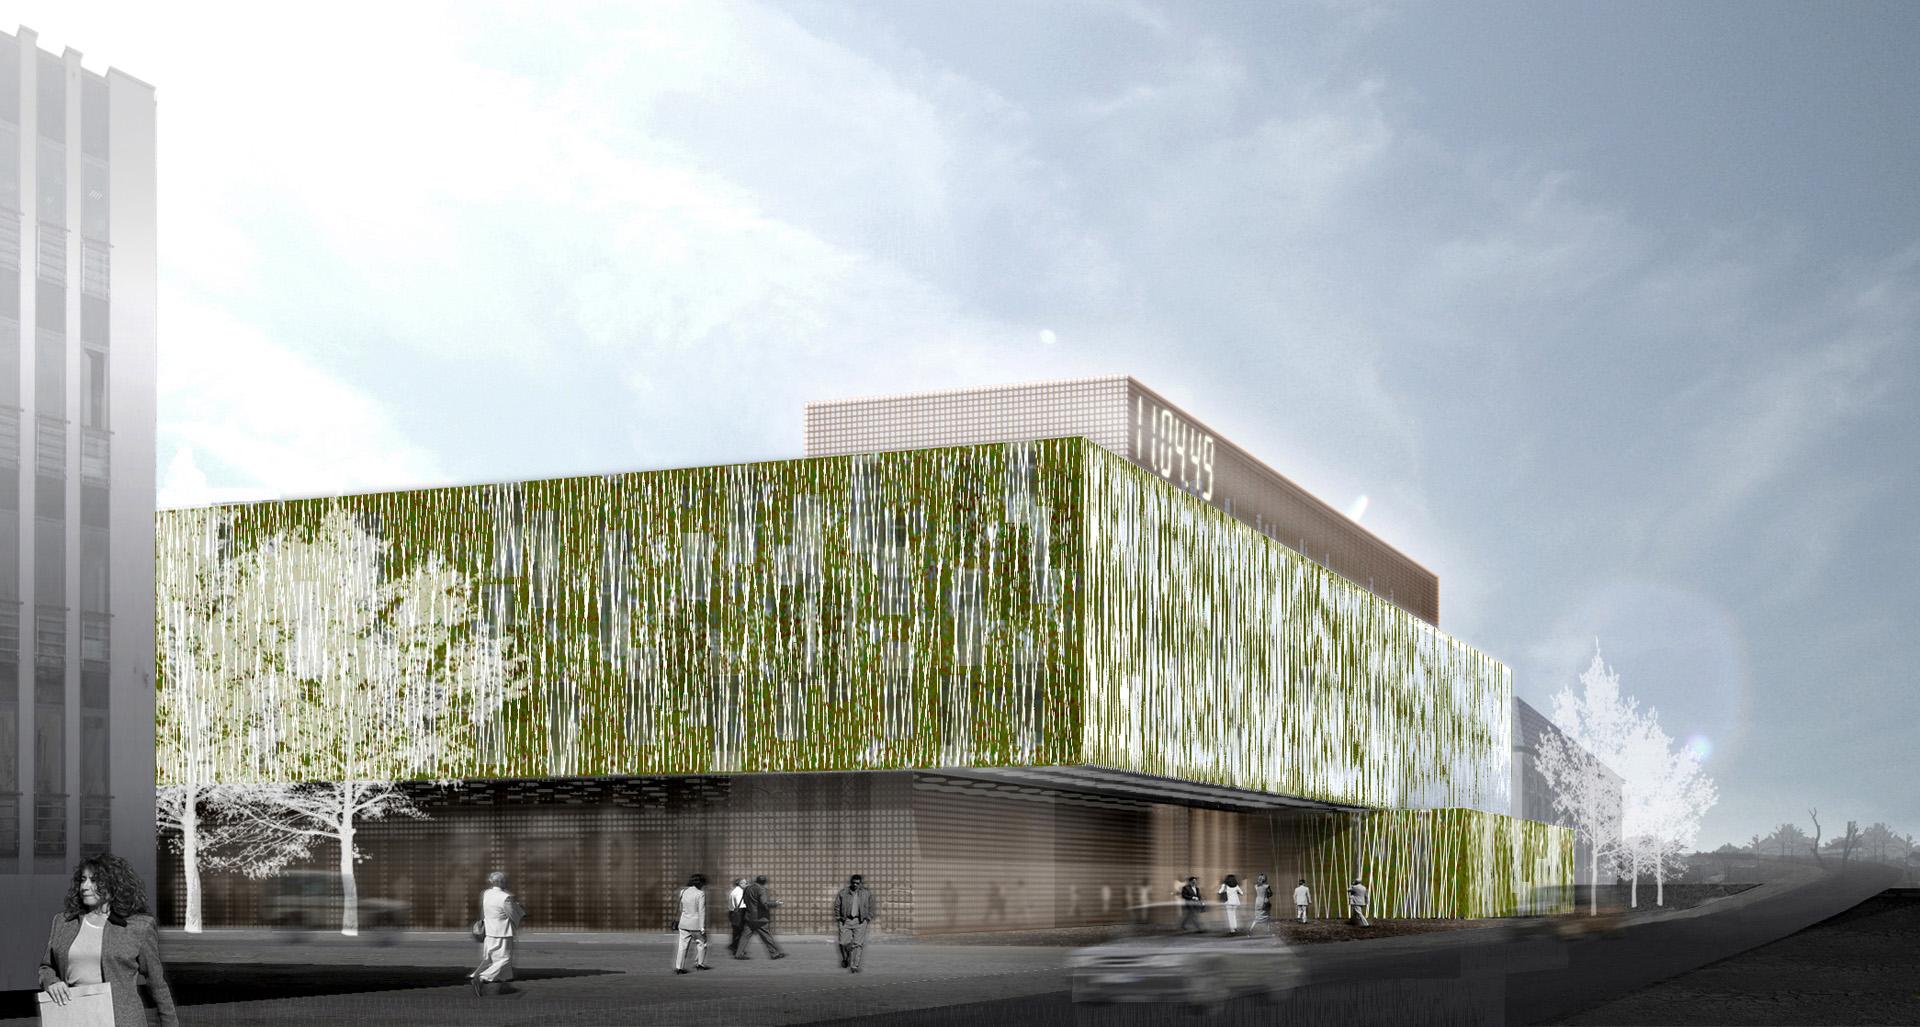 Centrum Administracyjne przy ul. Piłsudskiego w Rzeszowie. Projekt BAZA architekci.